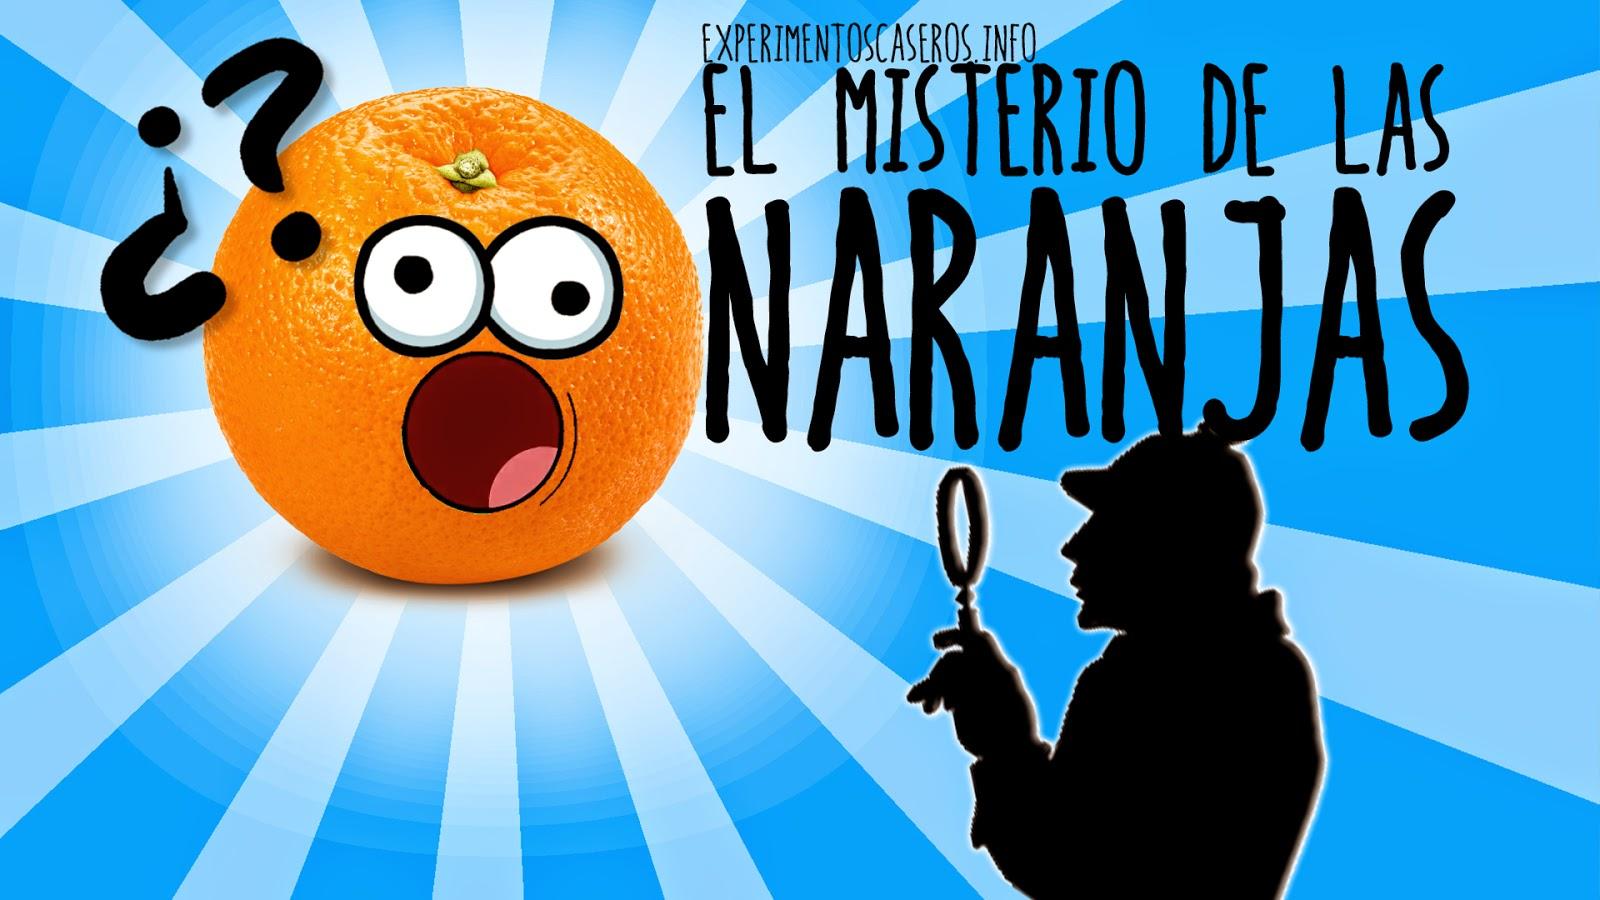 el misterio de las naranjas, las naranjas flotan o se hunden, ciencia, experimentos caseros, experimentos caseros para niños, experimentos sencillos